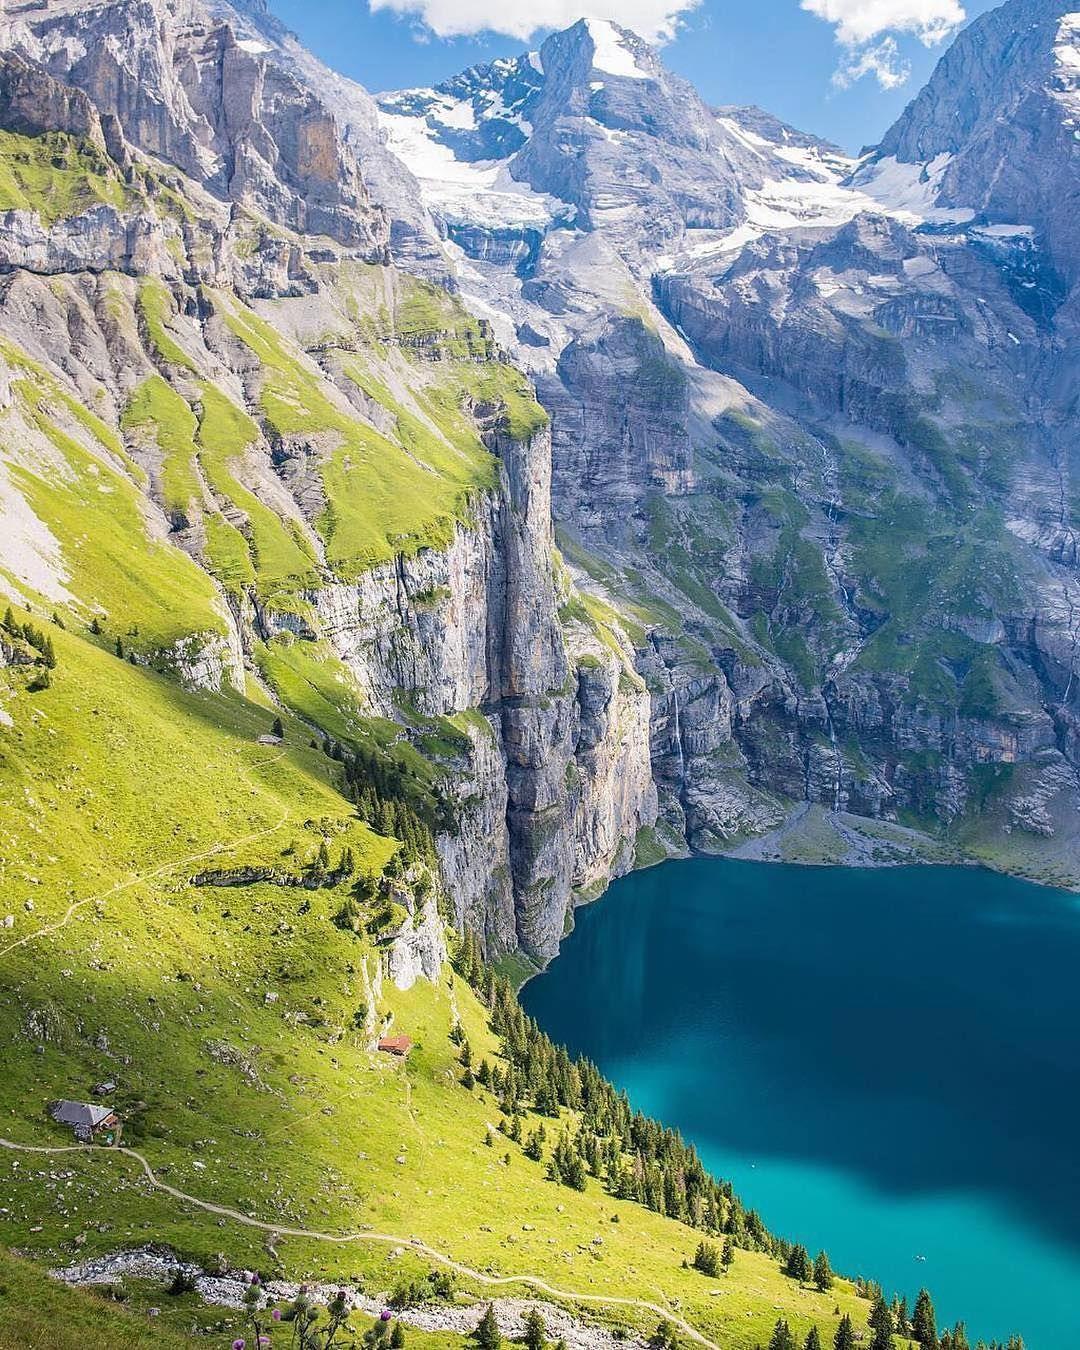 Amazing Places To Stay Switzerland: Oeschinen Lake In #Switzerland. Photo By @iatskiv